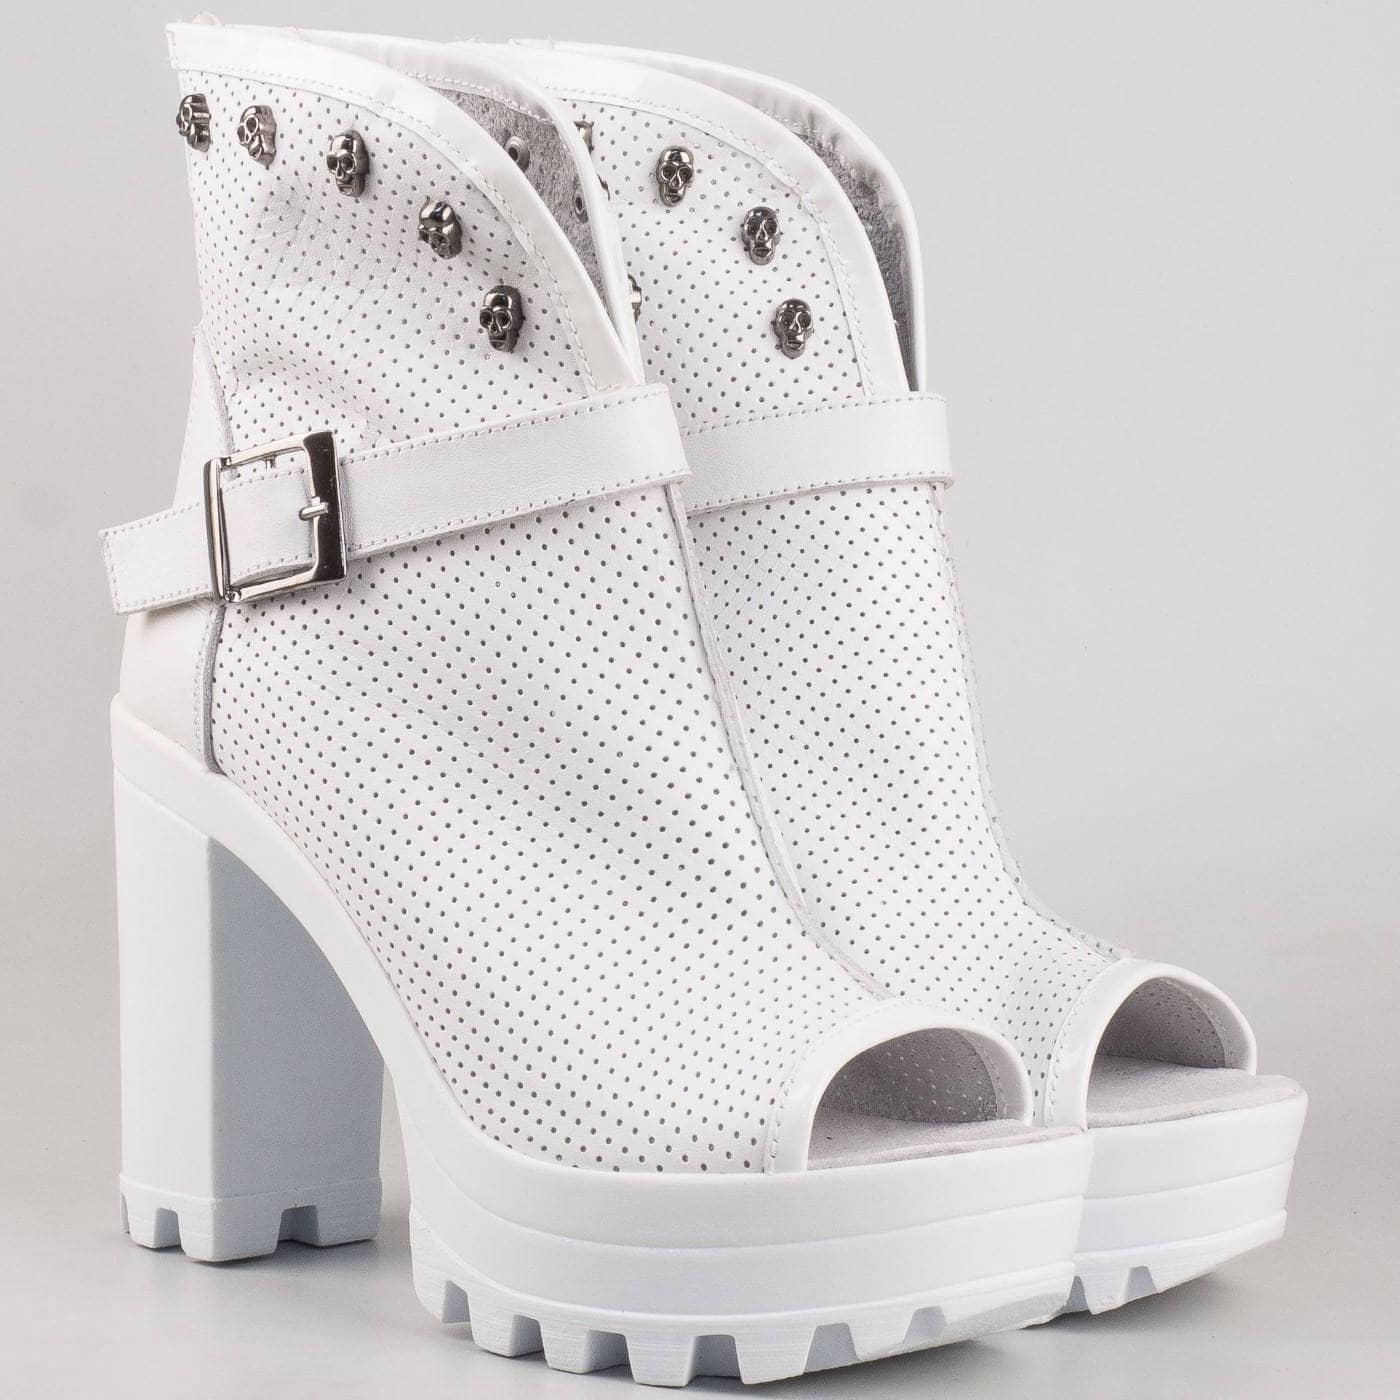 9ebdb2824d9 Дамски летни обувки произведени от 100% естествена кожа с перфорация на  български производител в бял цвят 760b - Sisi-bg.com